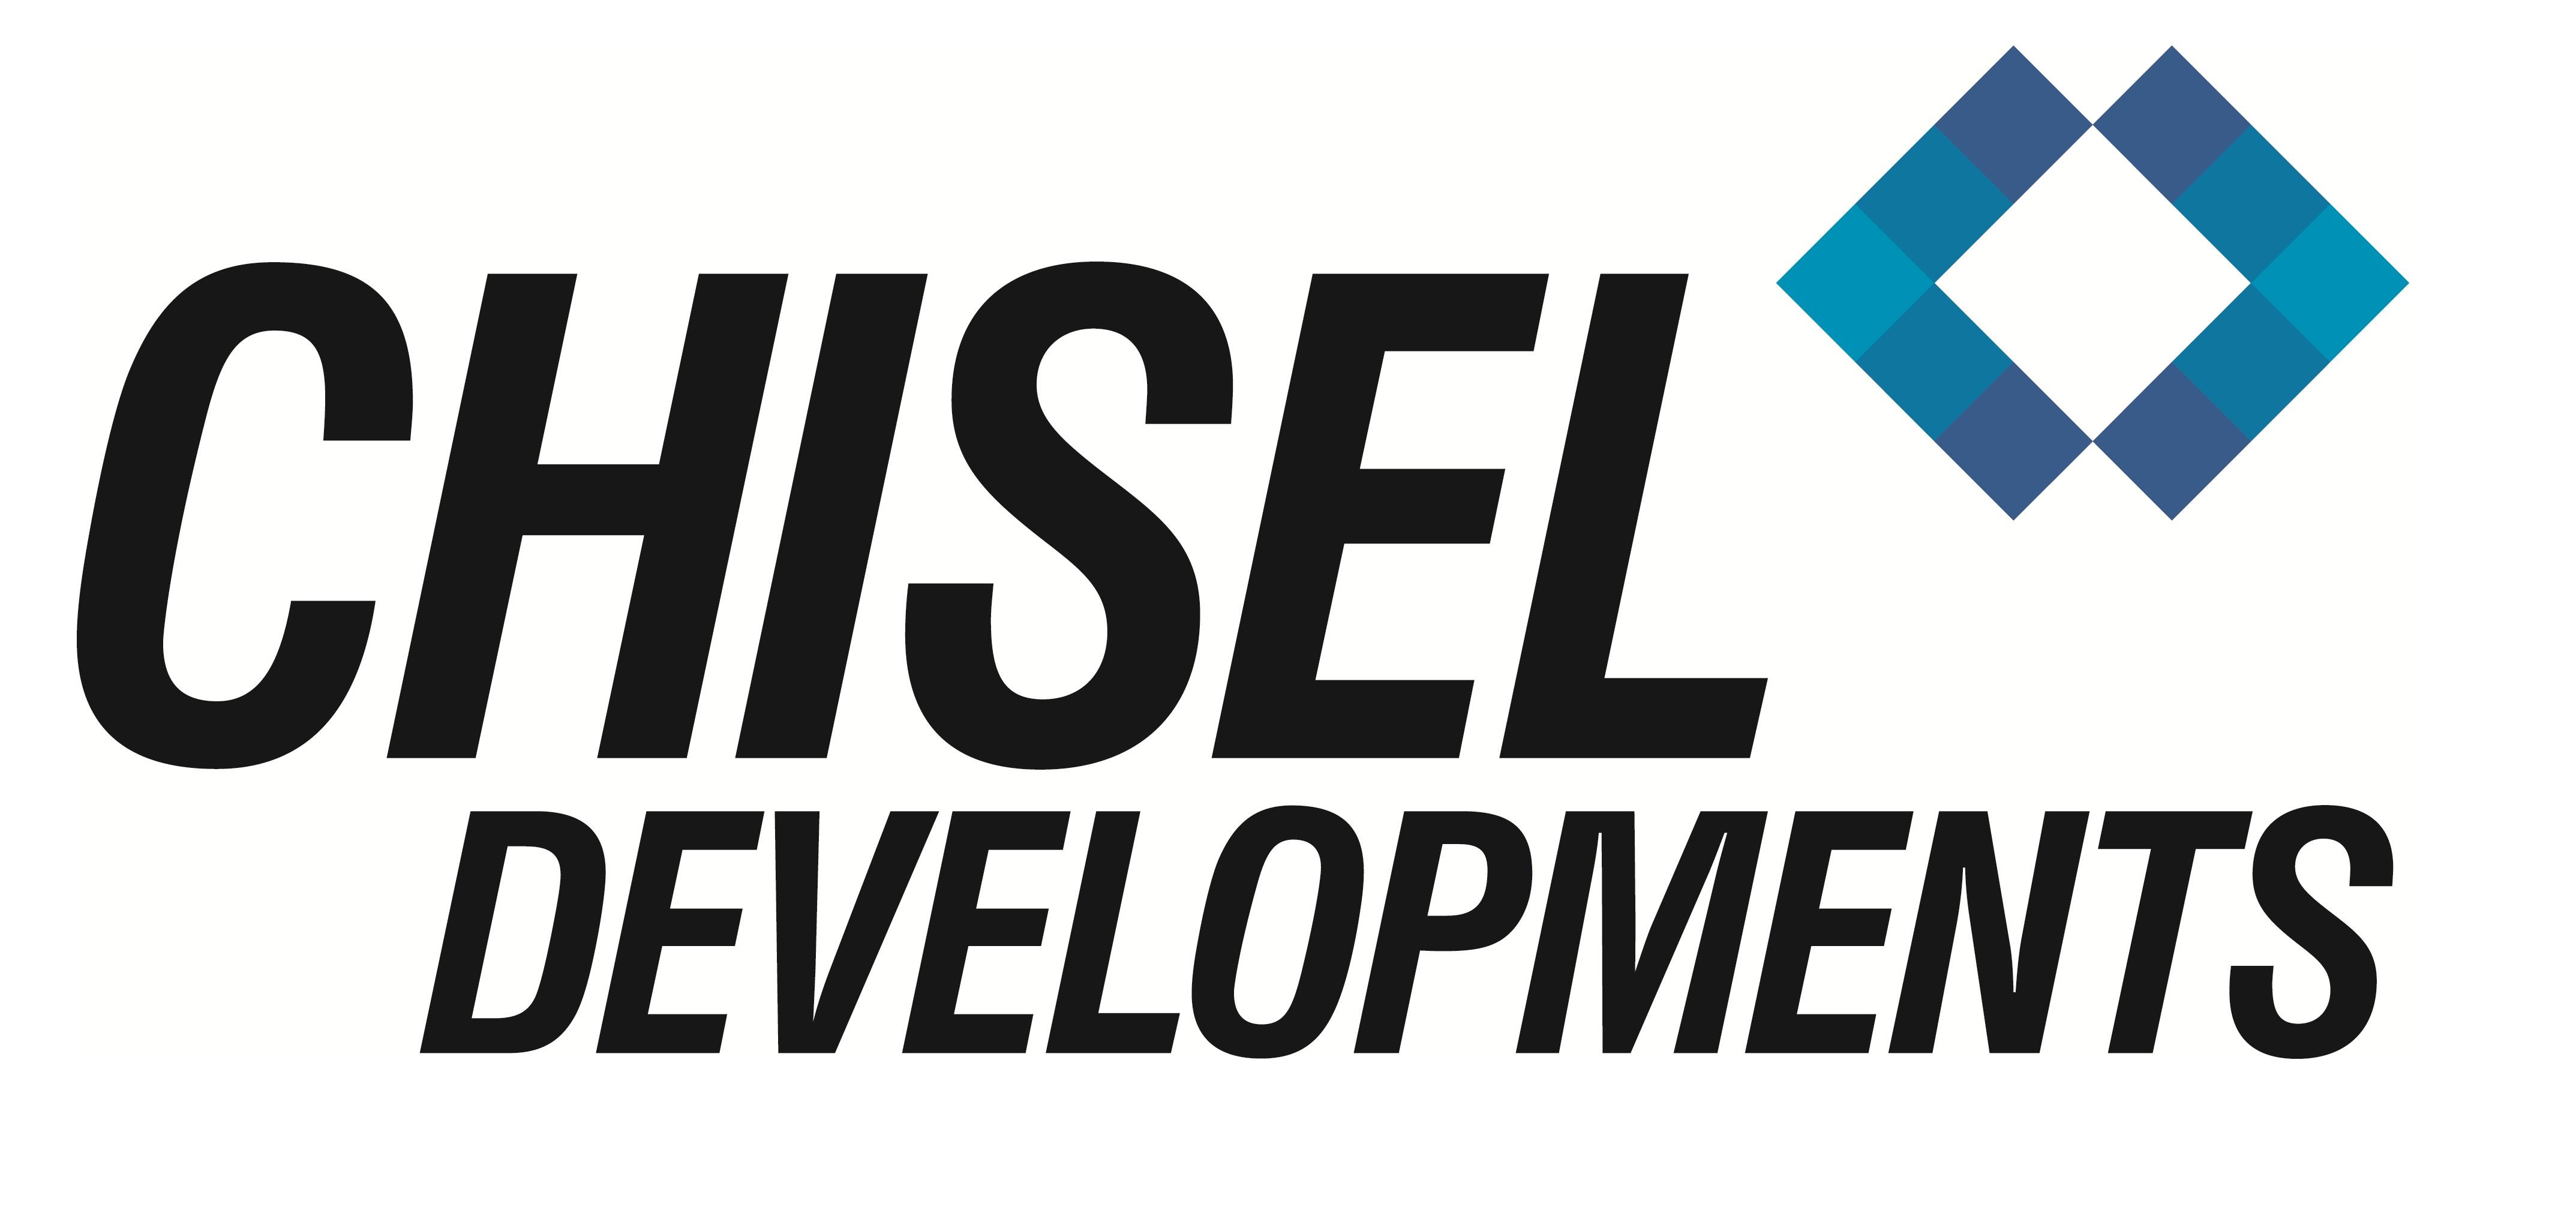 Chisel Developments